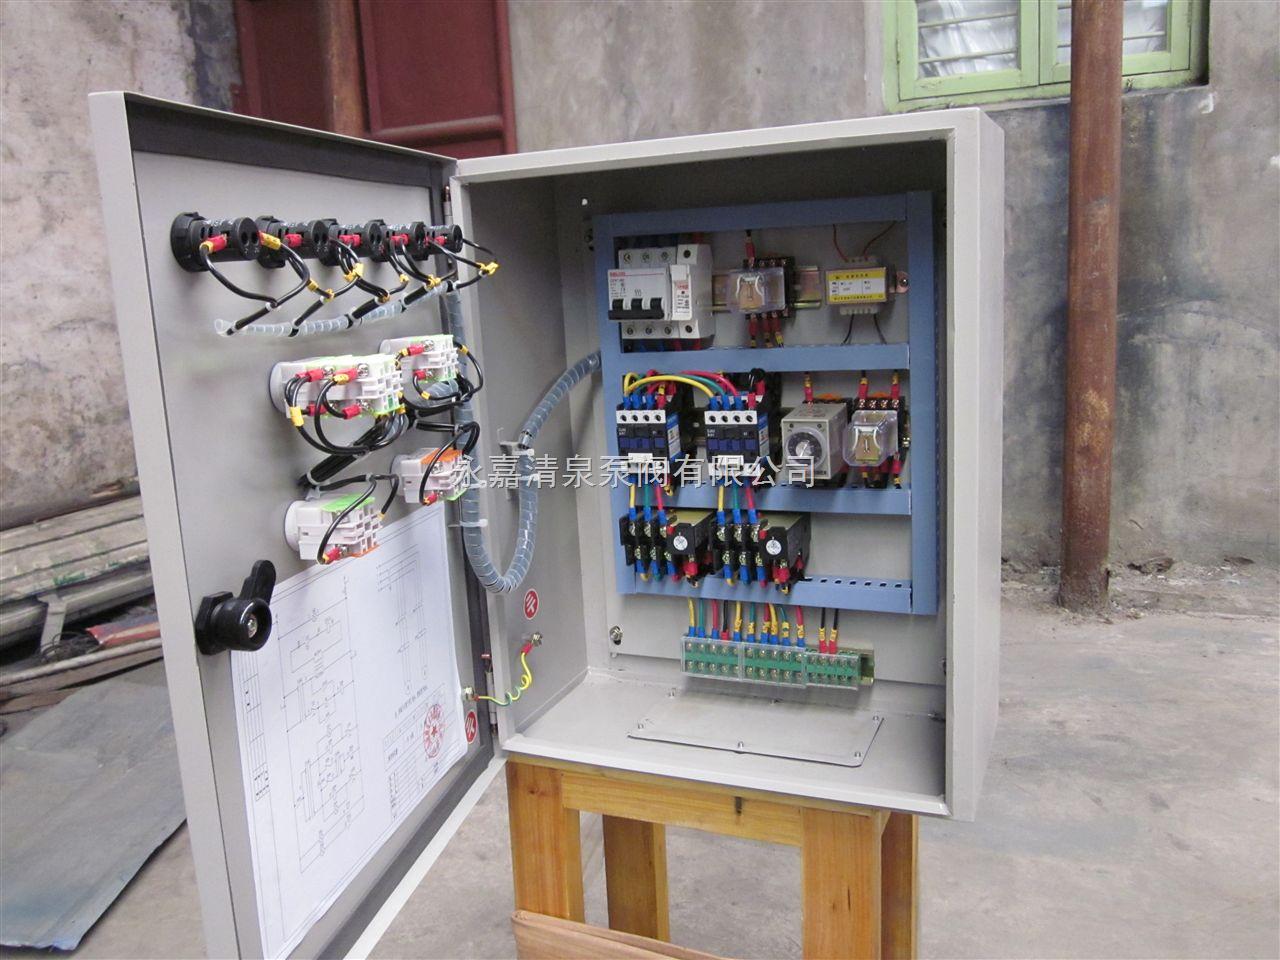 一、产品概述: 水泵控制柜是充分吸收国内外水泵控制的先进经验,经过多年生产和应用,不断完善优化后,精心设计制作而成。 产品具有过载、短路、缺相保护以及泵体漏水,电机超温及漏电等多种保护功能及齐全的状态显示,并具备单泵及多泵控制工作模式,多种主备泵切换方式及各类起动方式。可广泛适用于工农业生产及各类建筑的给水、排水、消防、喷淋管网增压以及暖通空调冷热水循环等多种场合的自动控制。 水泵控制柜内在质量优良,外形美观耐用,安装操作方便,是各类水泵安全可靠的伴侣。 二、产品特点: 1、用途广泛:对于各种场合,如生